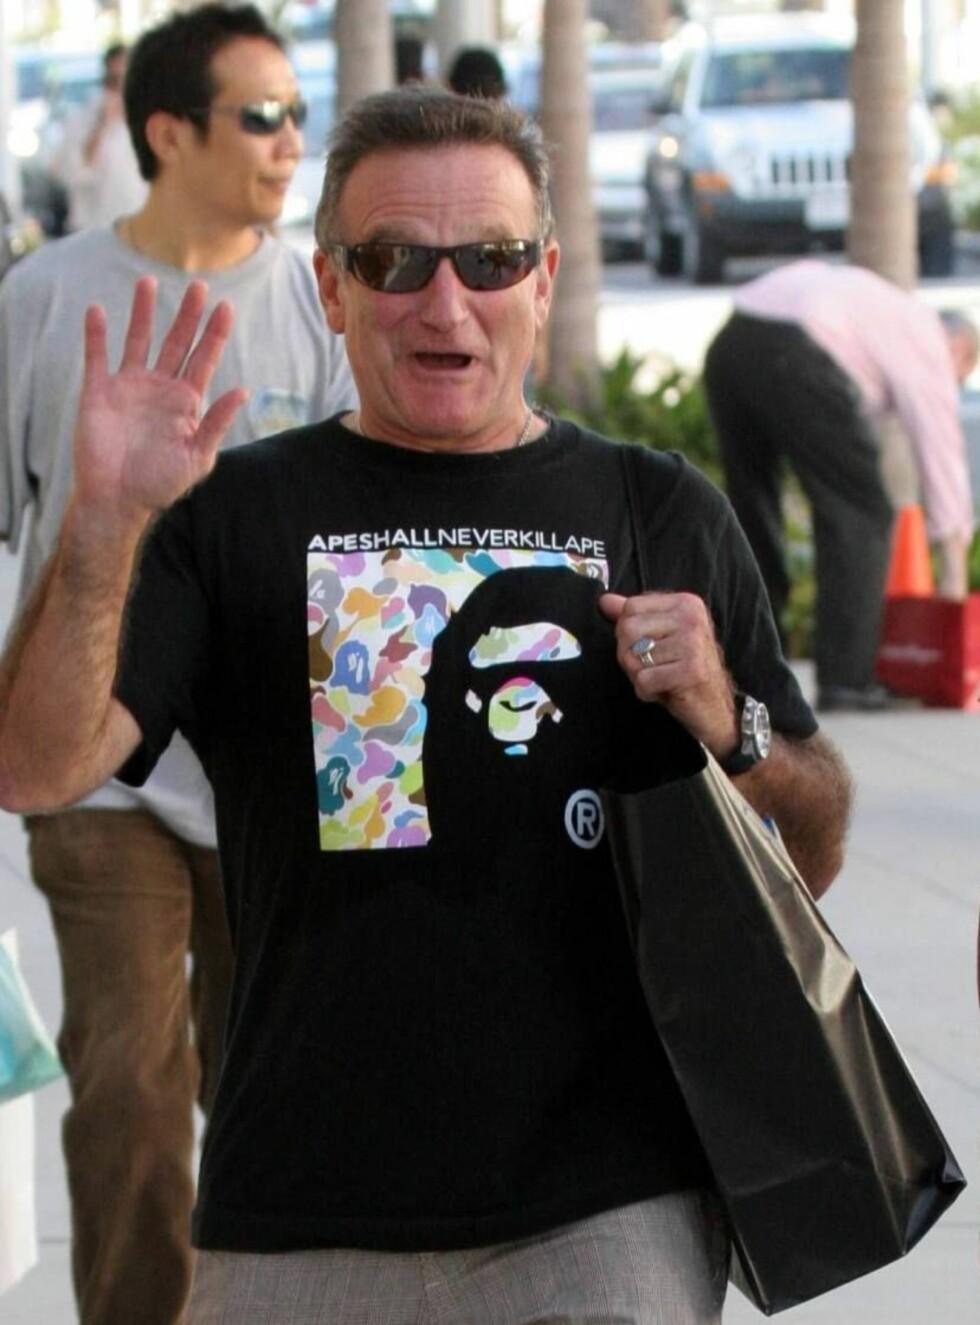 LYSTIG: I disse dager er livet rus nok for Robin - og shopping, selvsagt... Foto: All Over Press